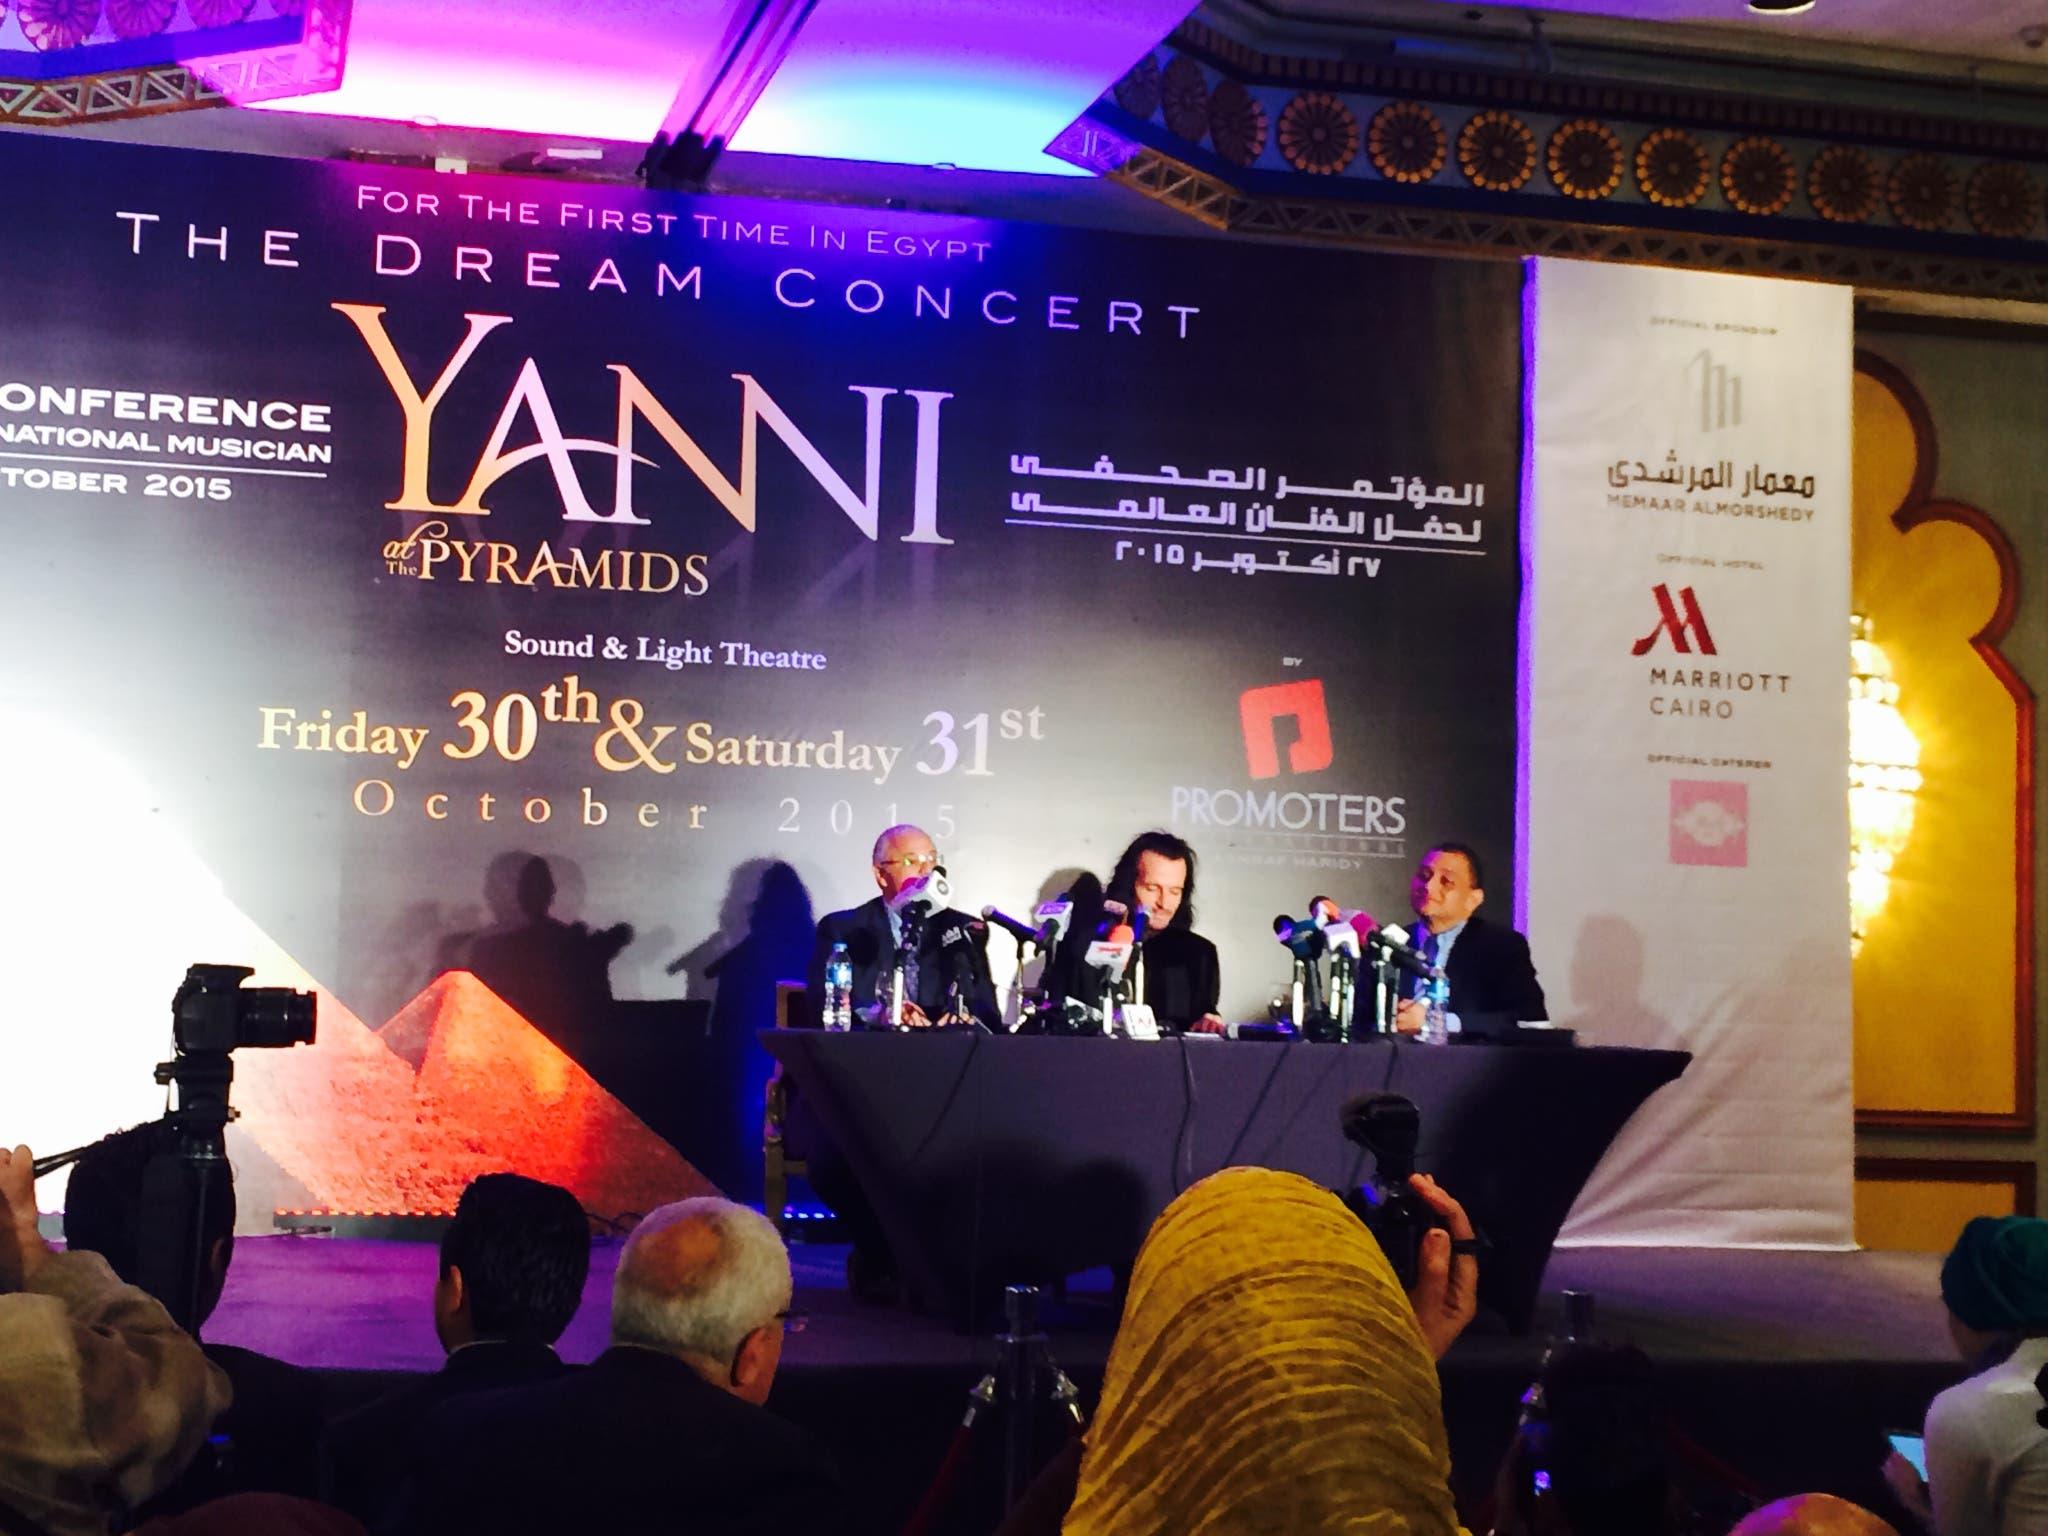 یانی در کنفرانسی در مصر